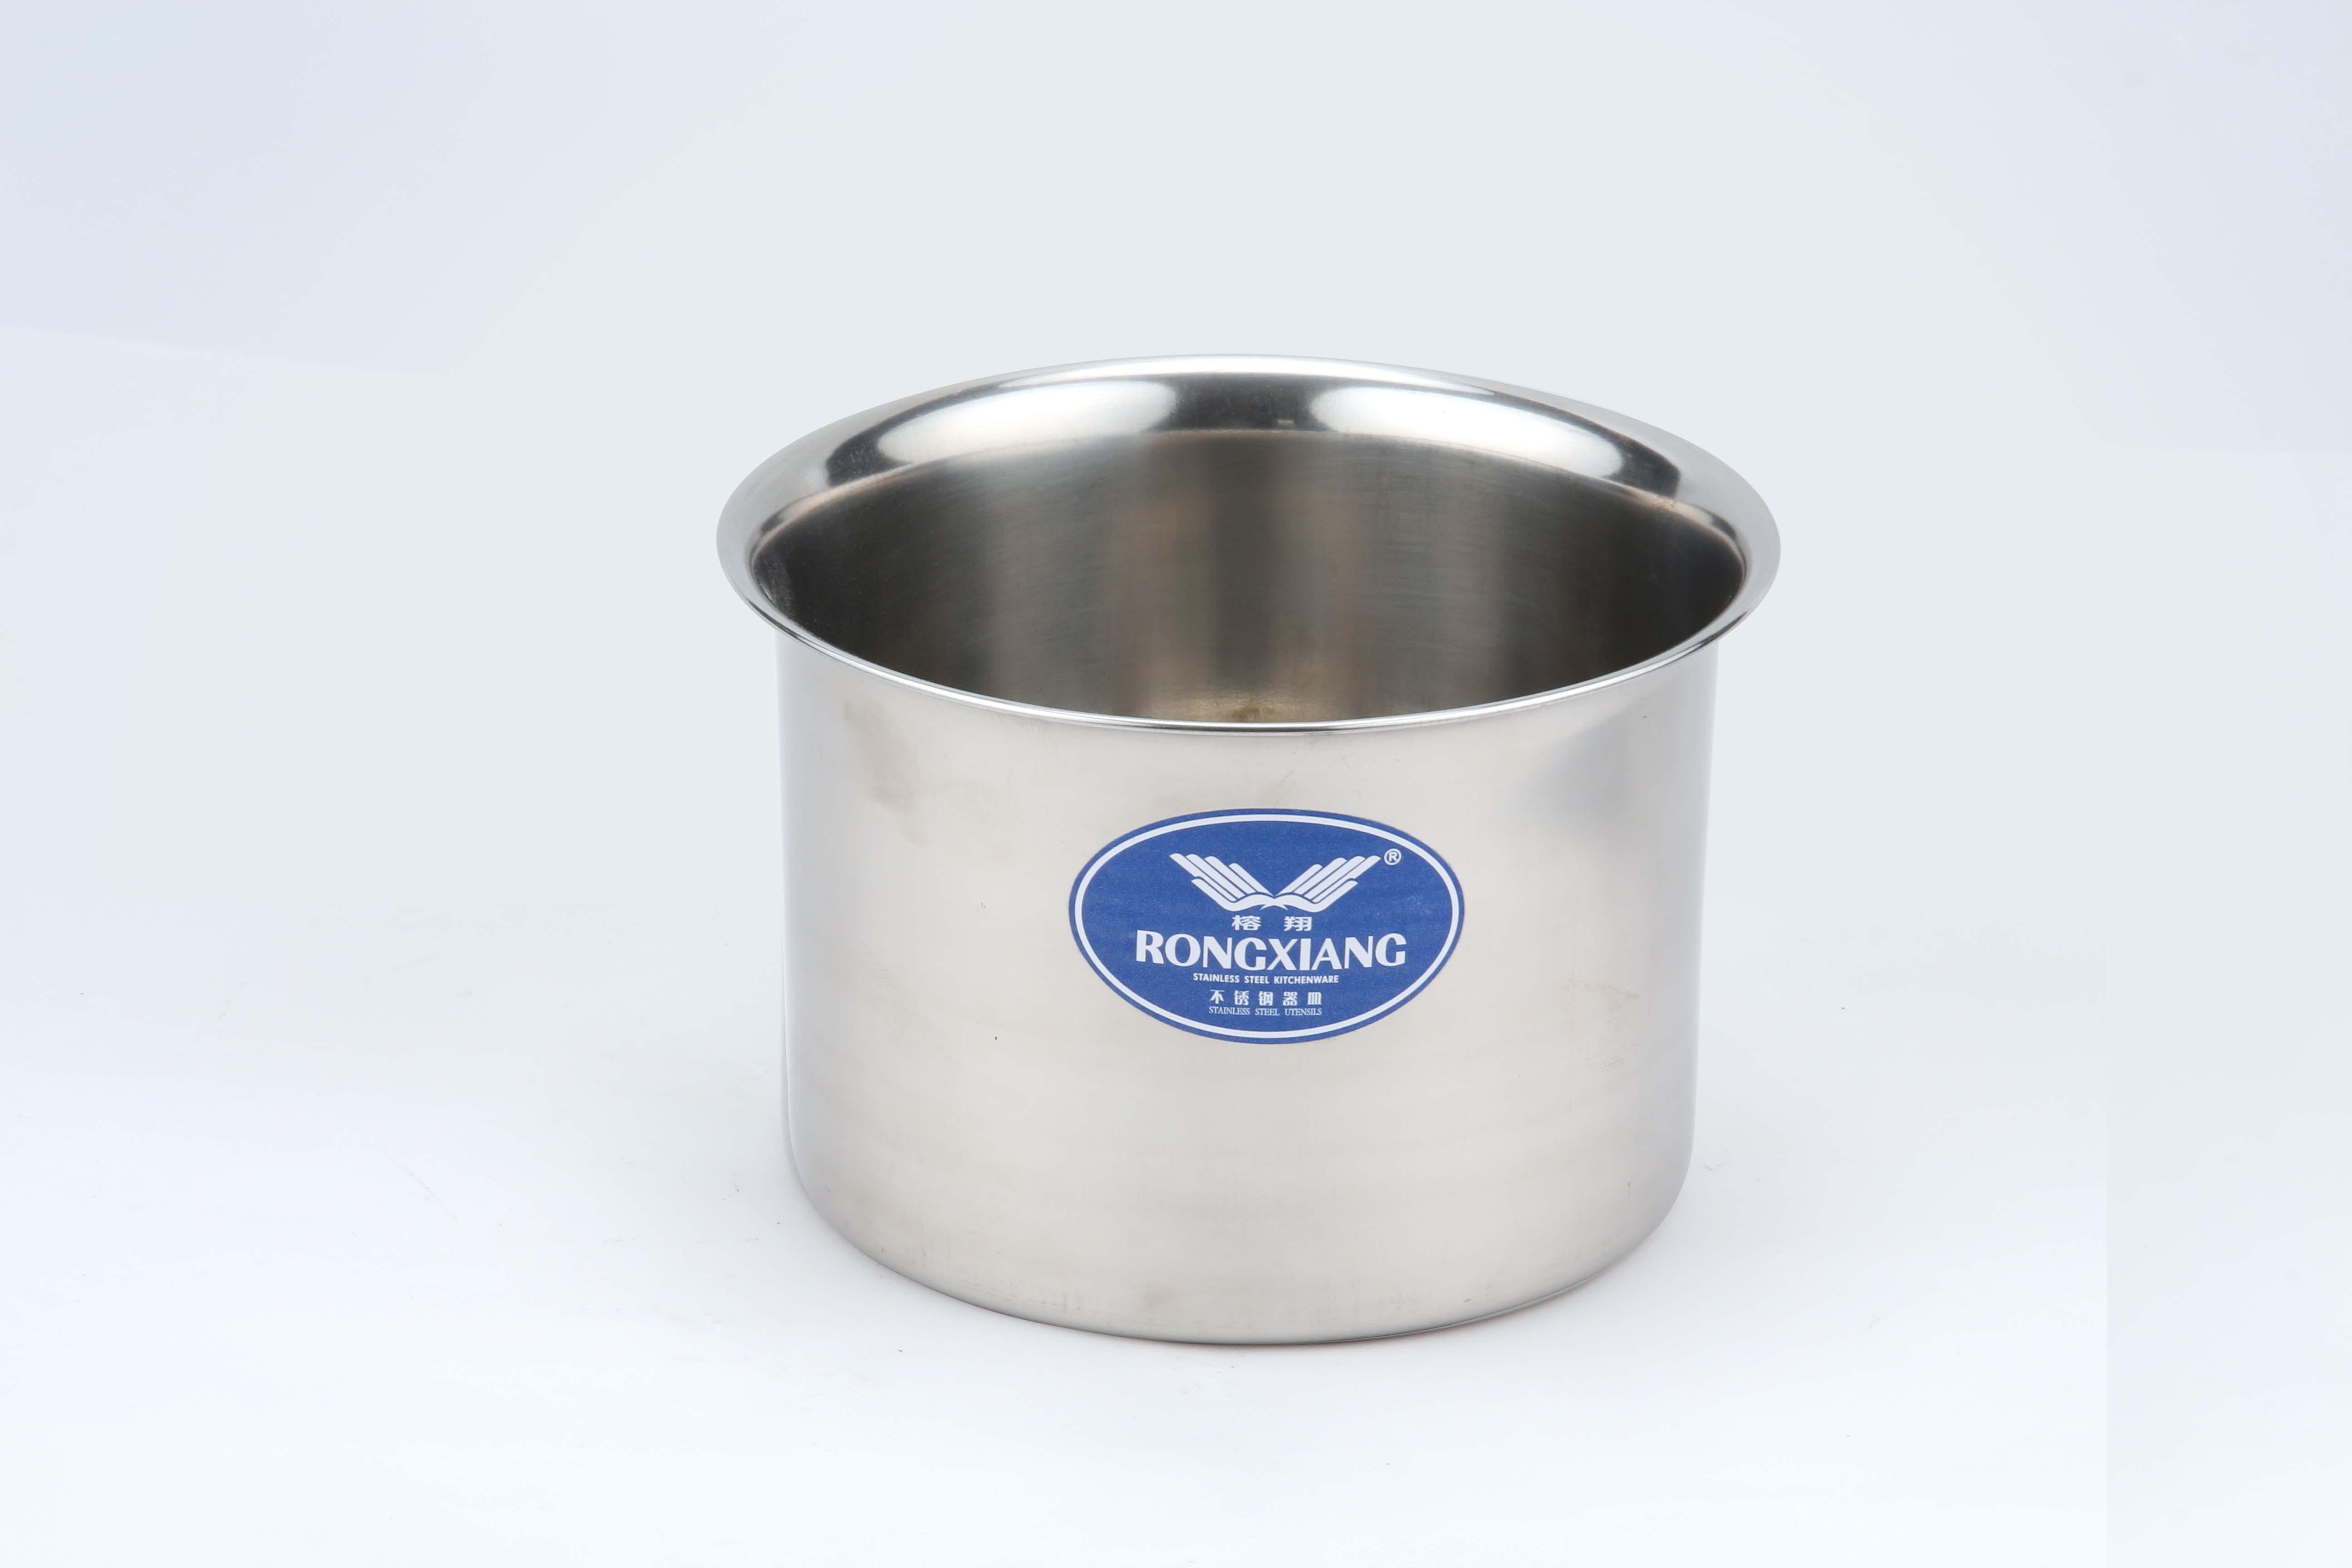 陕西加尔伏商贸有限公司|加尔伏厨具:不锈钢厨具到底会不会生锈